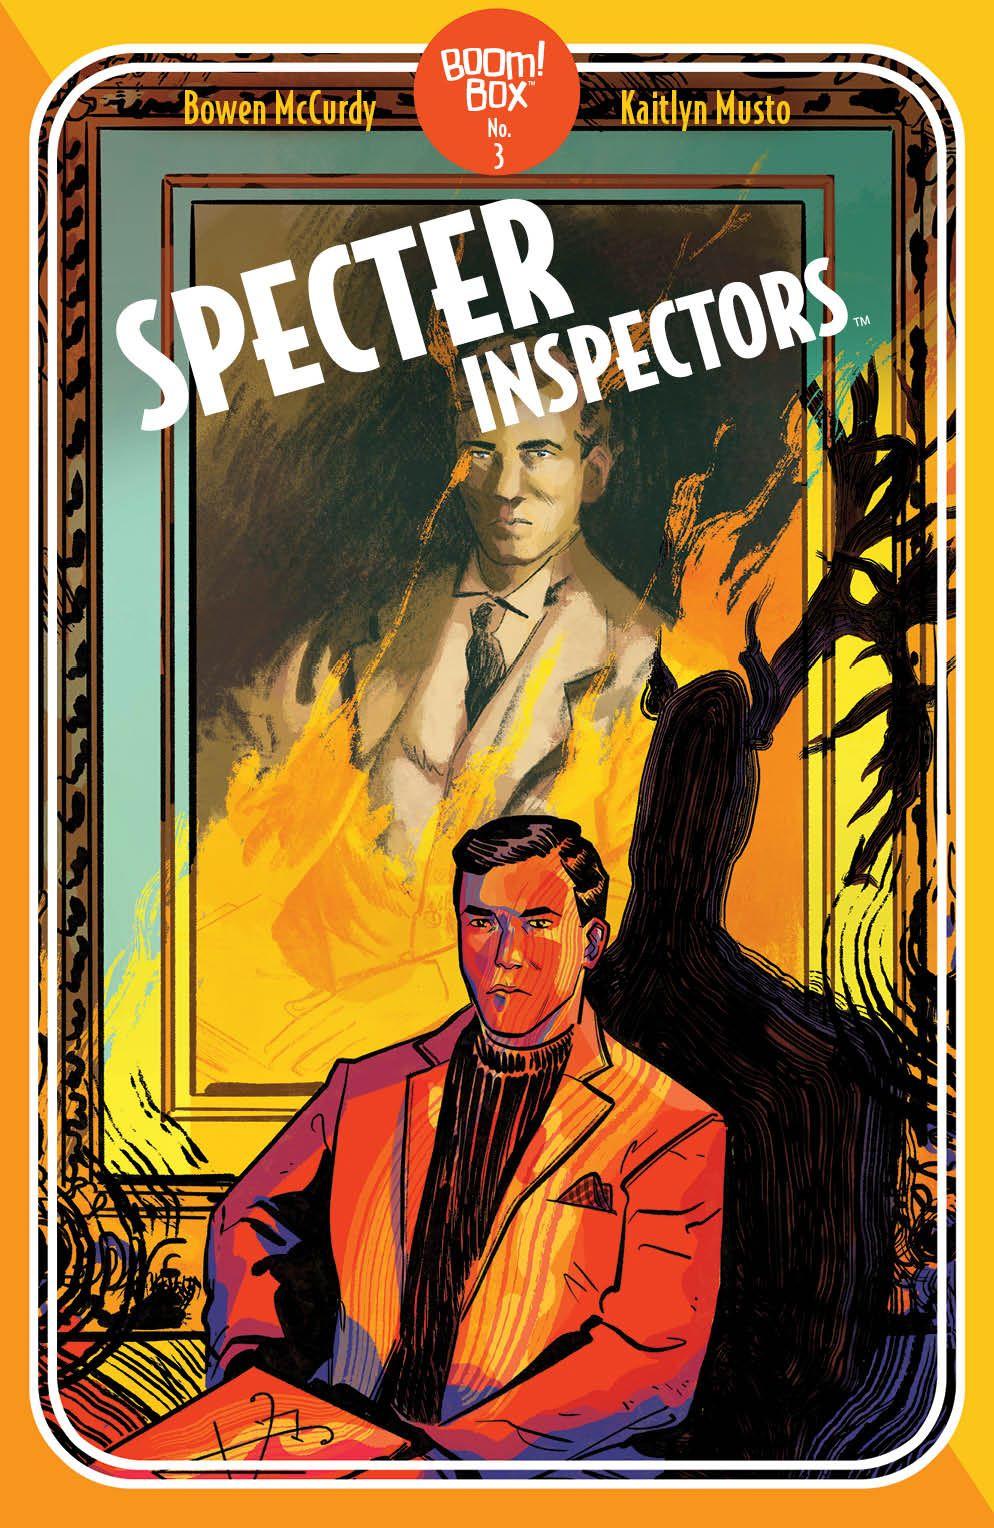 SpecterInspectors_003_Cover_B_Pocketbook ComicList Previews: SPECTER INSPECTORS #3 (OF 5)